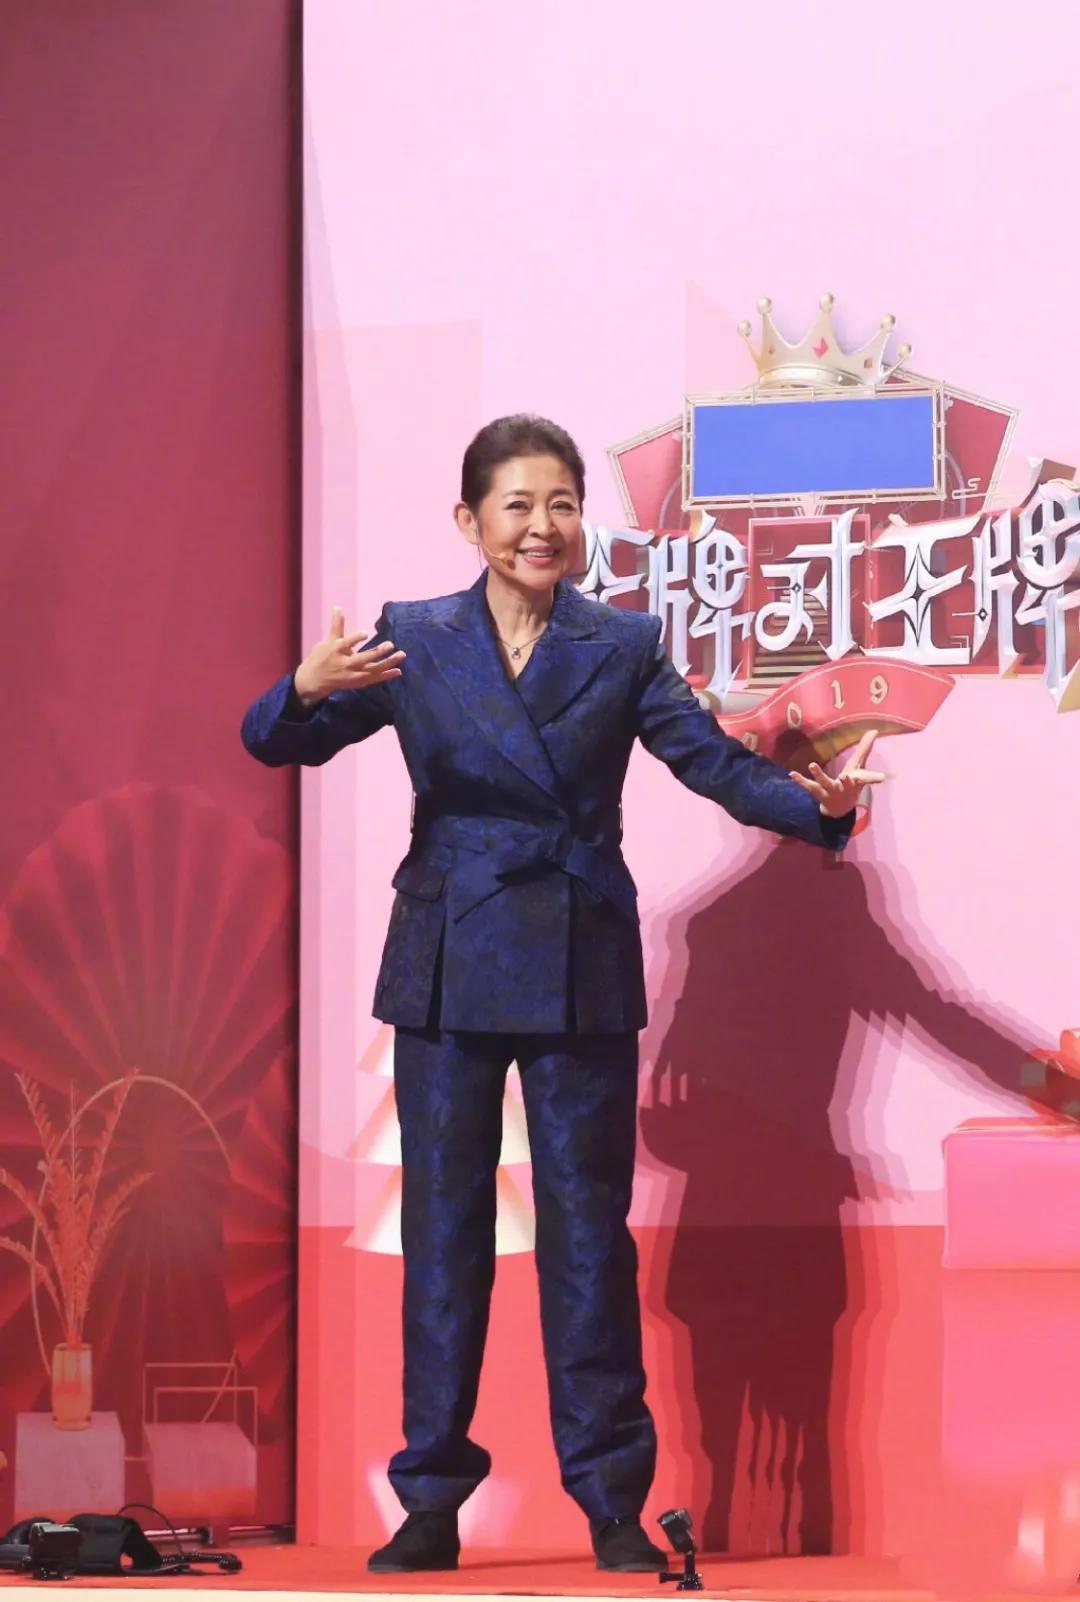 倪萍现身医院,膝盖有伤却不忘探望赵忠祥,央视主持人情谊深